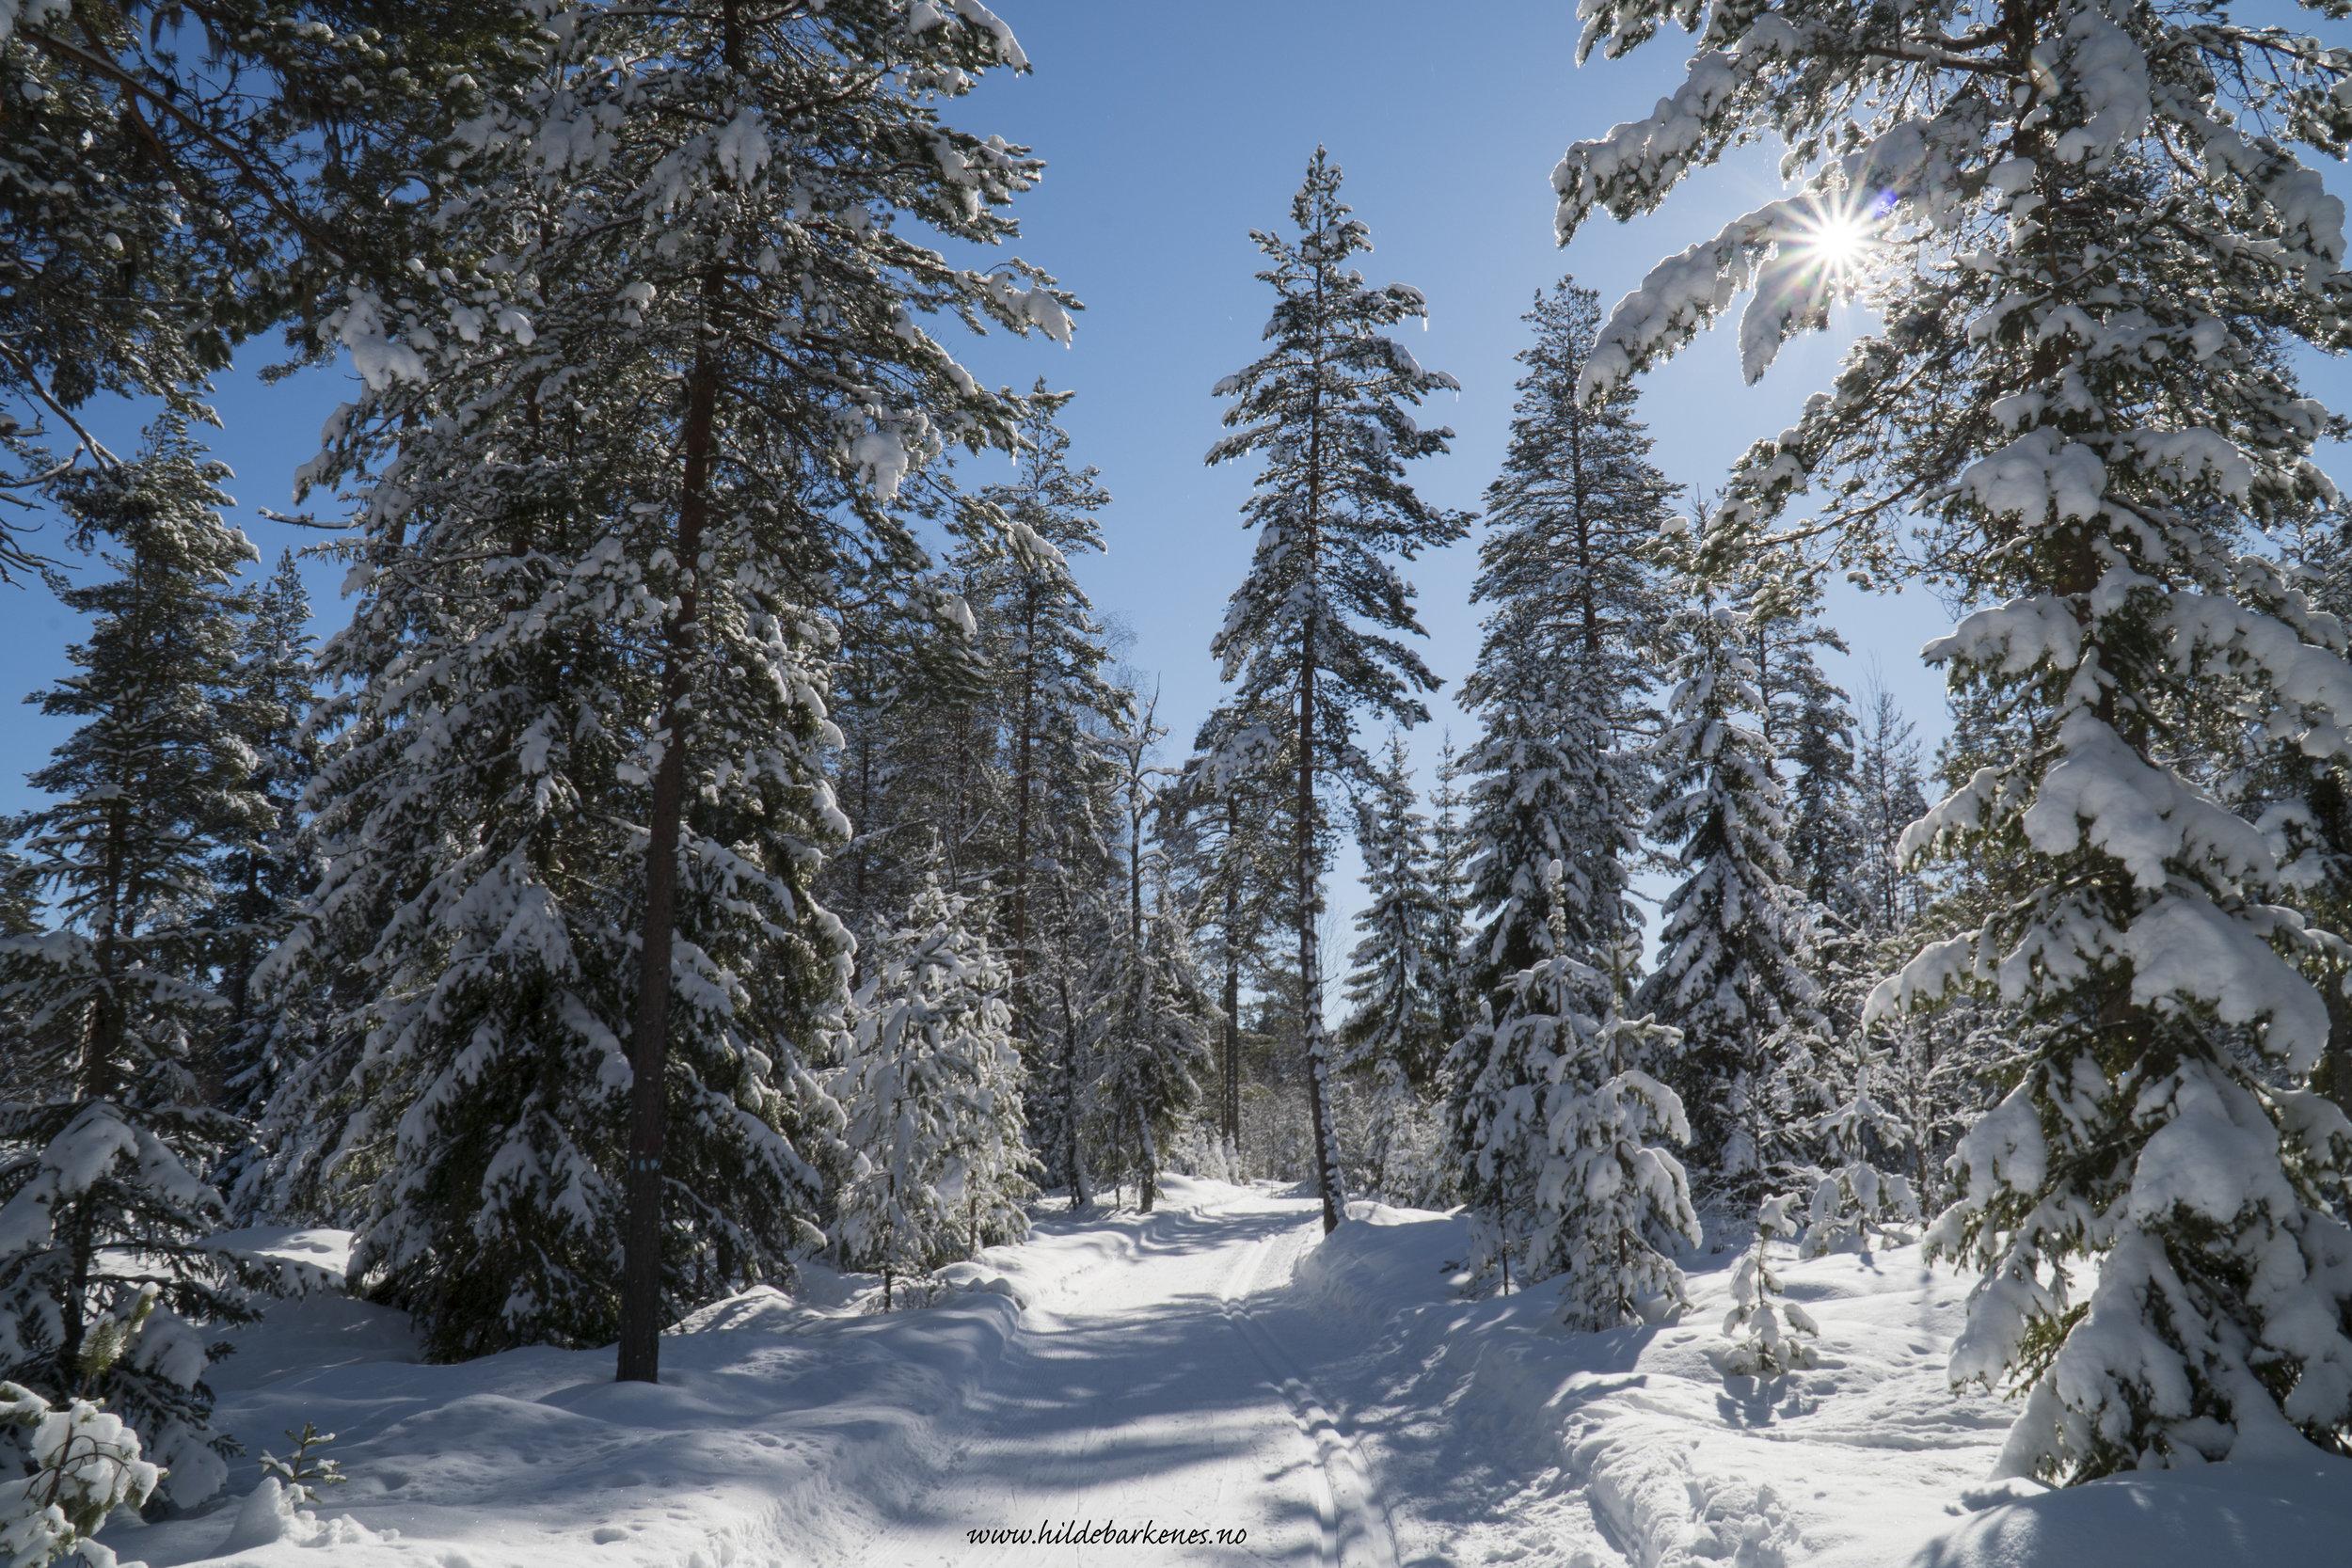 Vintermagi - Her var det bare å rigge seg til i alle mulige vinkler og posisjoner og skyte kamera rett til værs. Lykken finnes, dere. Her ute. Høyt og lavt!